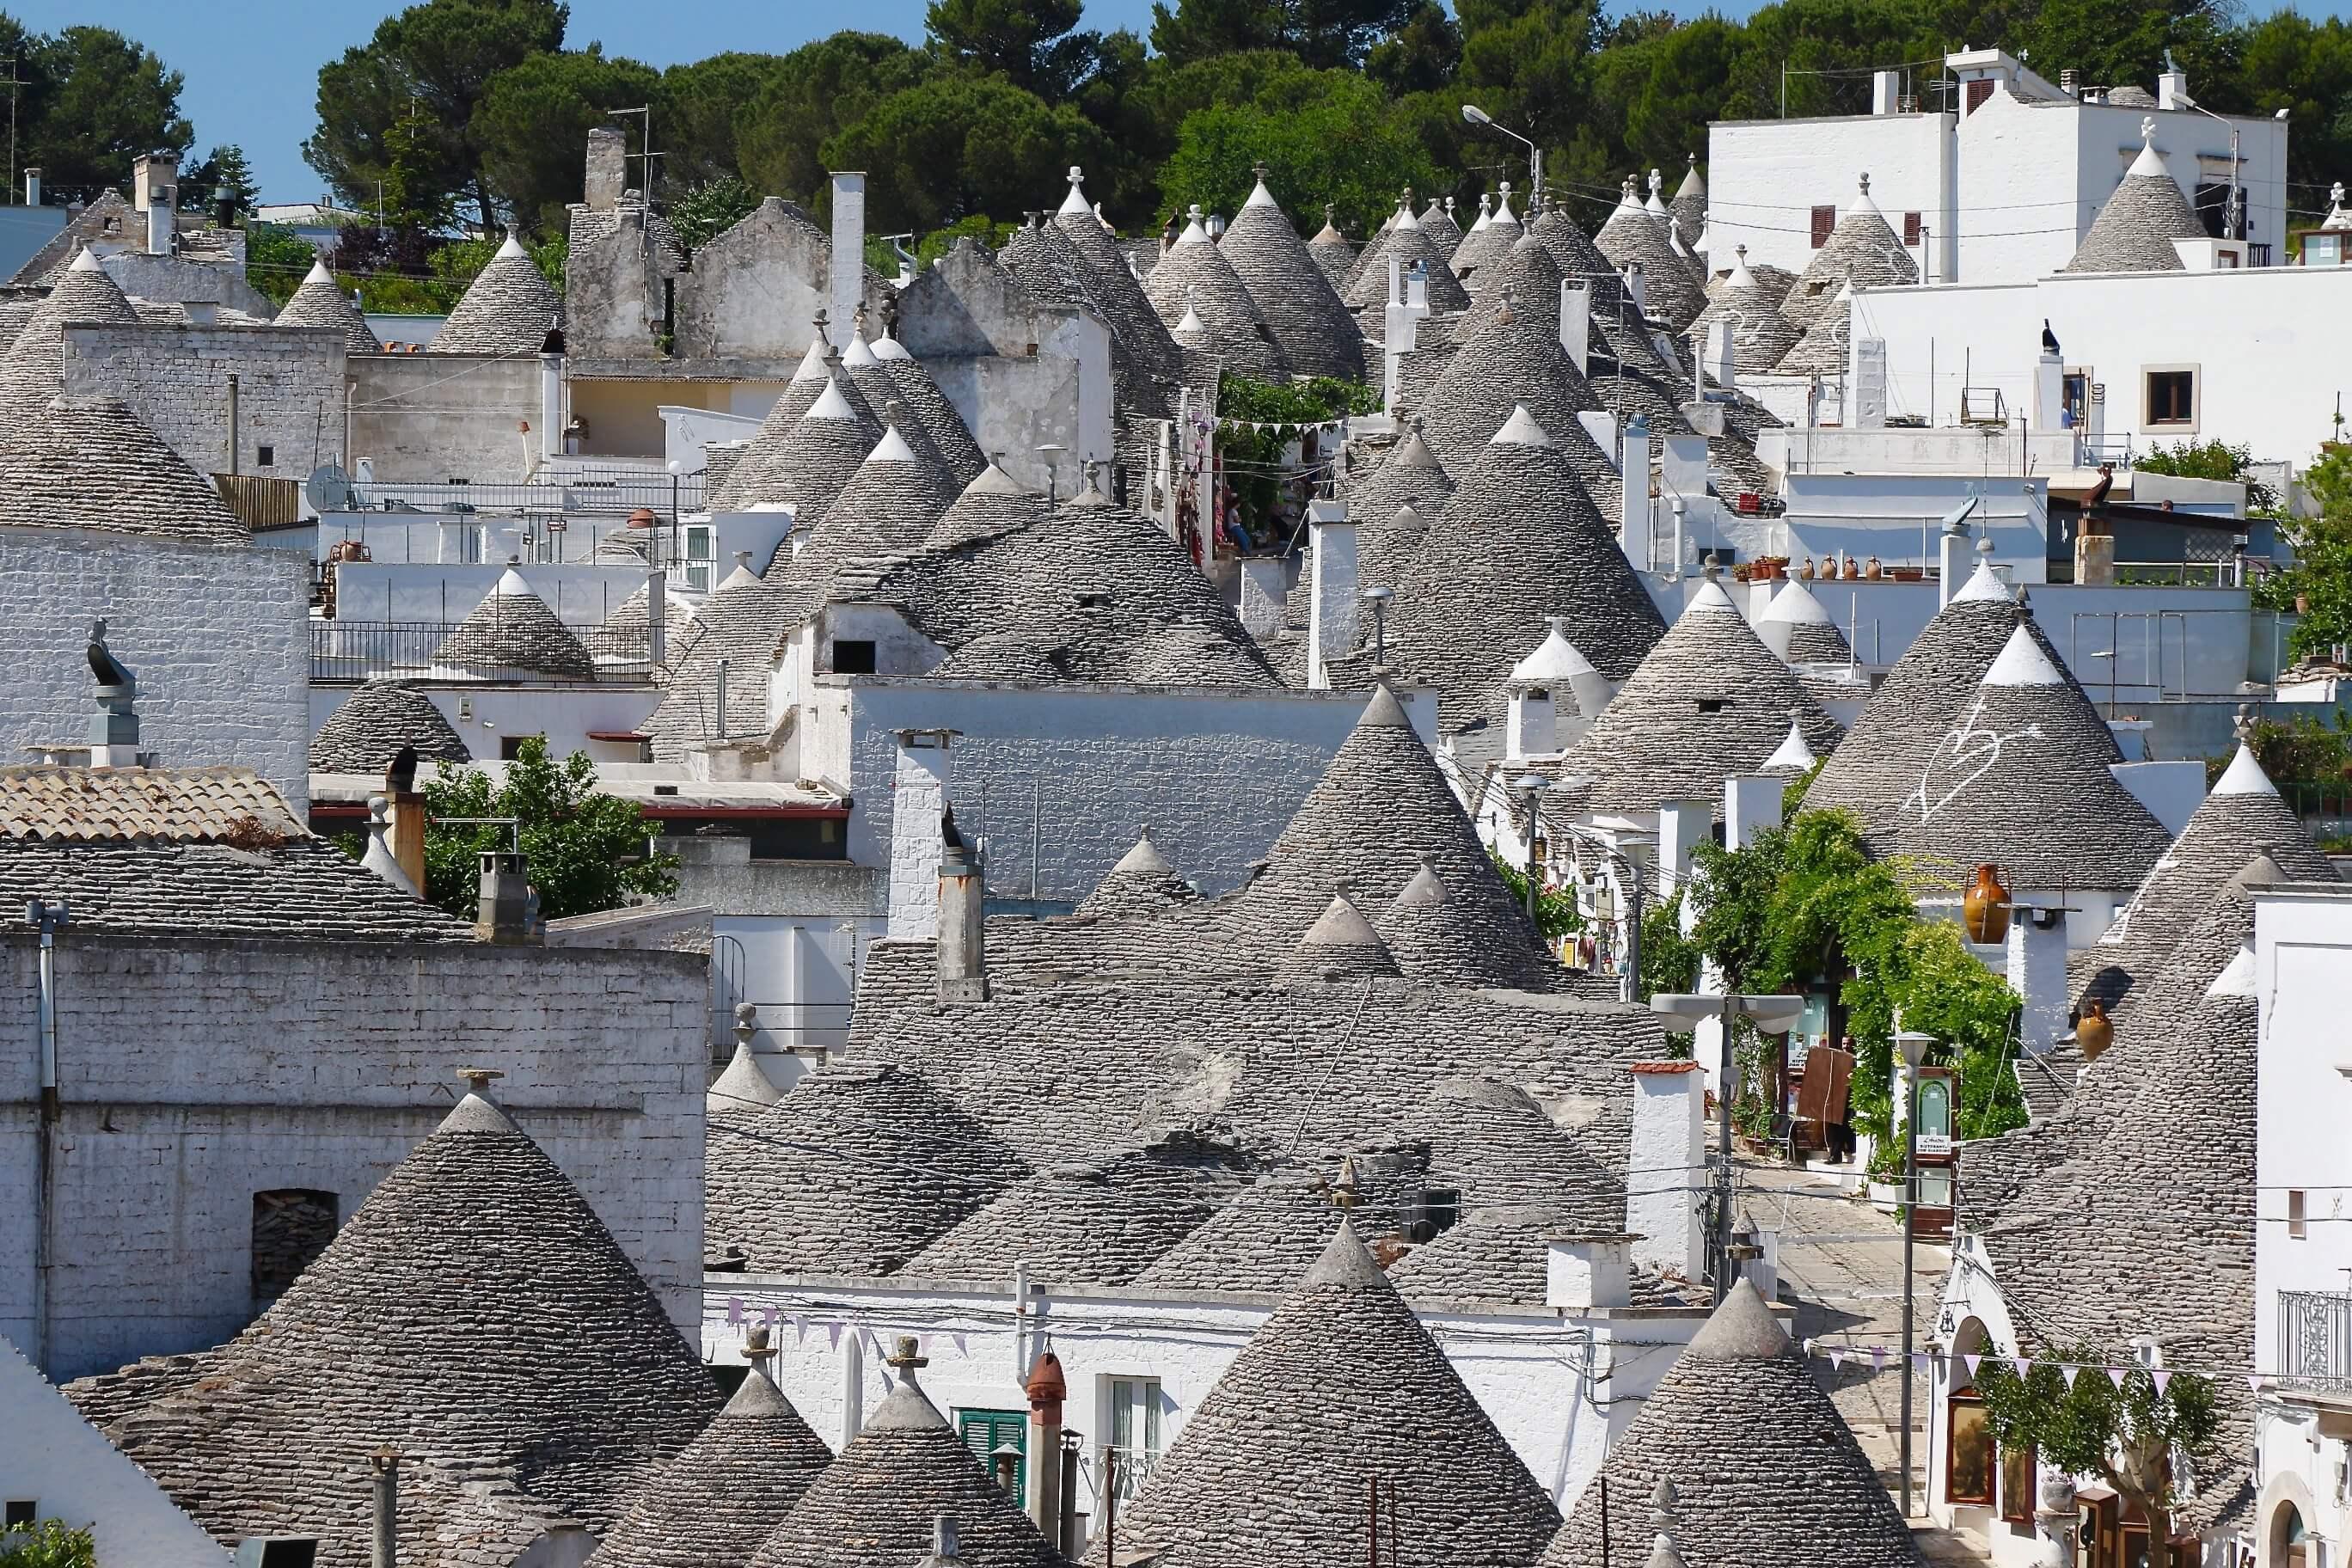 UNESCO town of Alberobello - 1,500 Trulli are located here